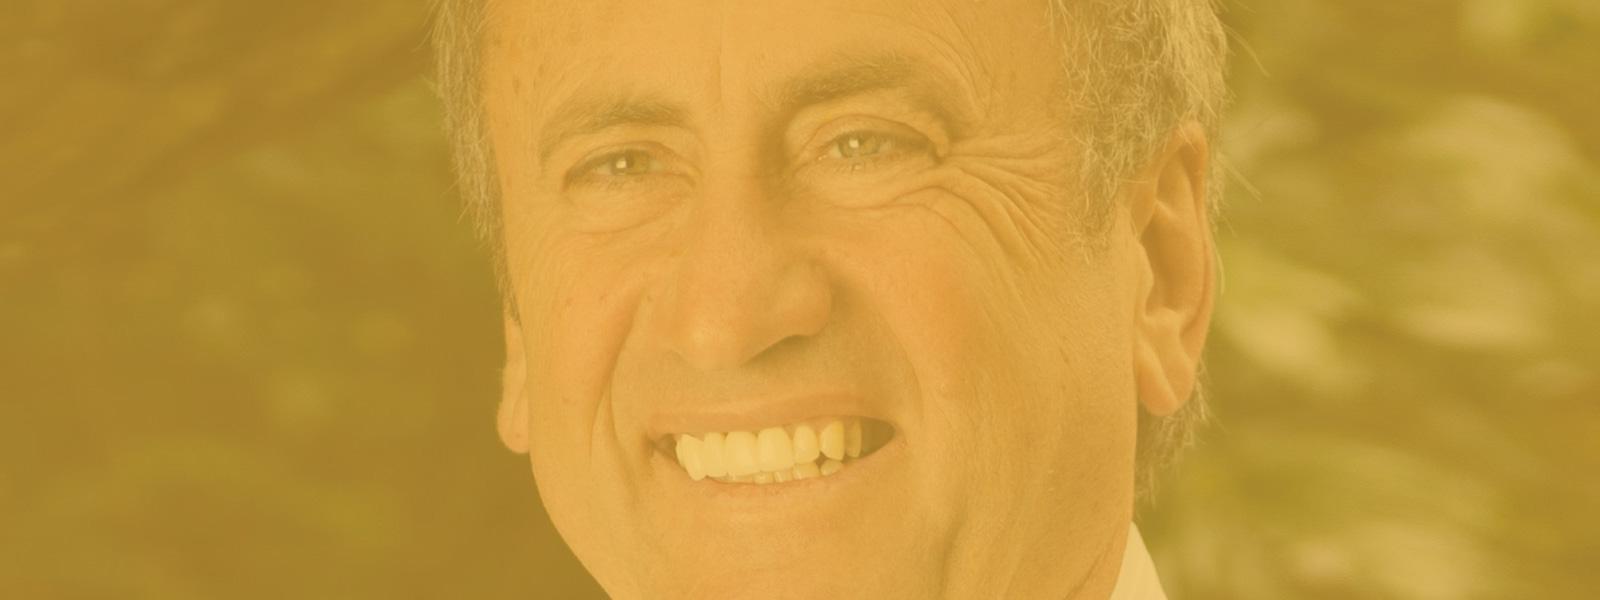 El caso de Meir Schneider